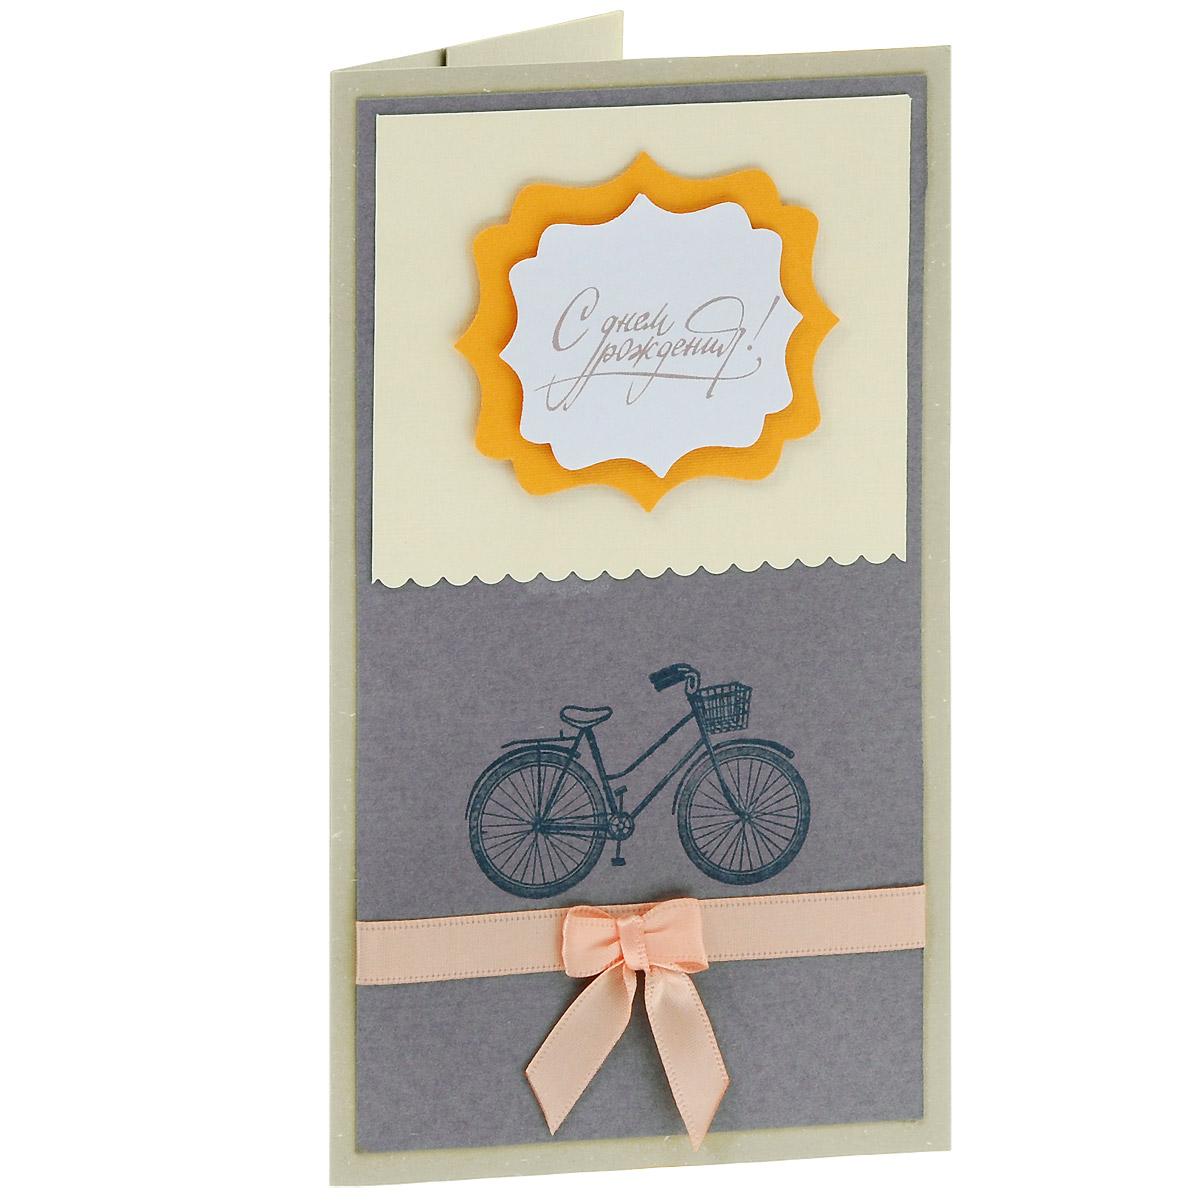 ОЖ-0023 Открытка-конверт «С Днём Рождения!» (велосипед, серо-персиковая). Студия «Тётя Роза»Винтажные открытки №97Характеристики: Размер 19 см x 11 см. Материал: Высоко-художественный картон, бумага, декор. Данная открытка может стать как прекрасным дополнением к вашему подарку, так и самостоятельным подарком. Так как открытка является и конвертом, в который вы можете вложить ваш денежный подарок или просто написать ваши пожелания на вкладыше. Сдержанная, но очень стильная открытка выполнена в благородных серо-охристых тонах. Центральная надпись располагается на изящной фигурной табличке, послойно поднимающейся над общим фоном лицевой части. Милый персиковый бант из атласной ленты завершает композицию. Также открытка упакована в пакетик для сохранности. Обращаем Ваше внимание на то, что открытка может незначительно отличаться от представленной на фото.